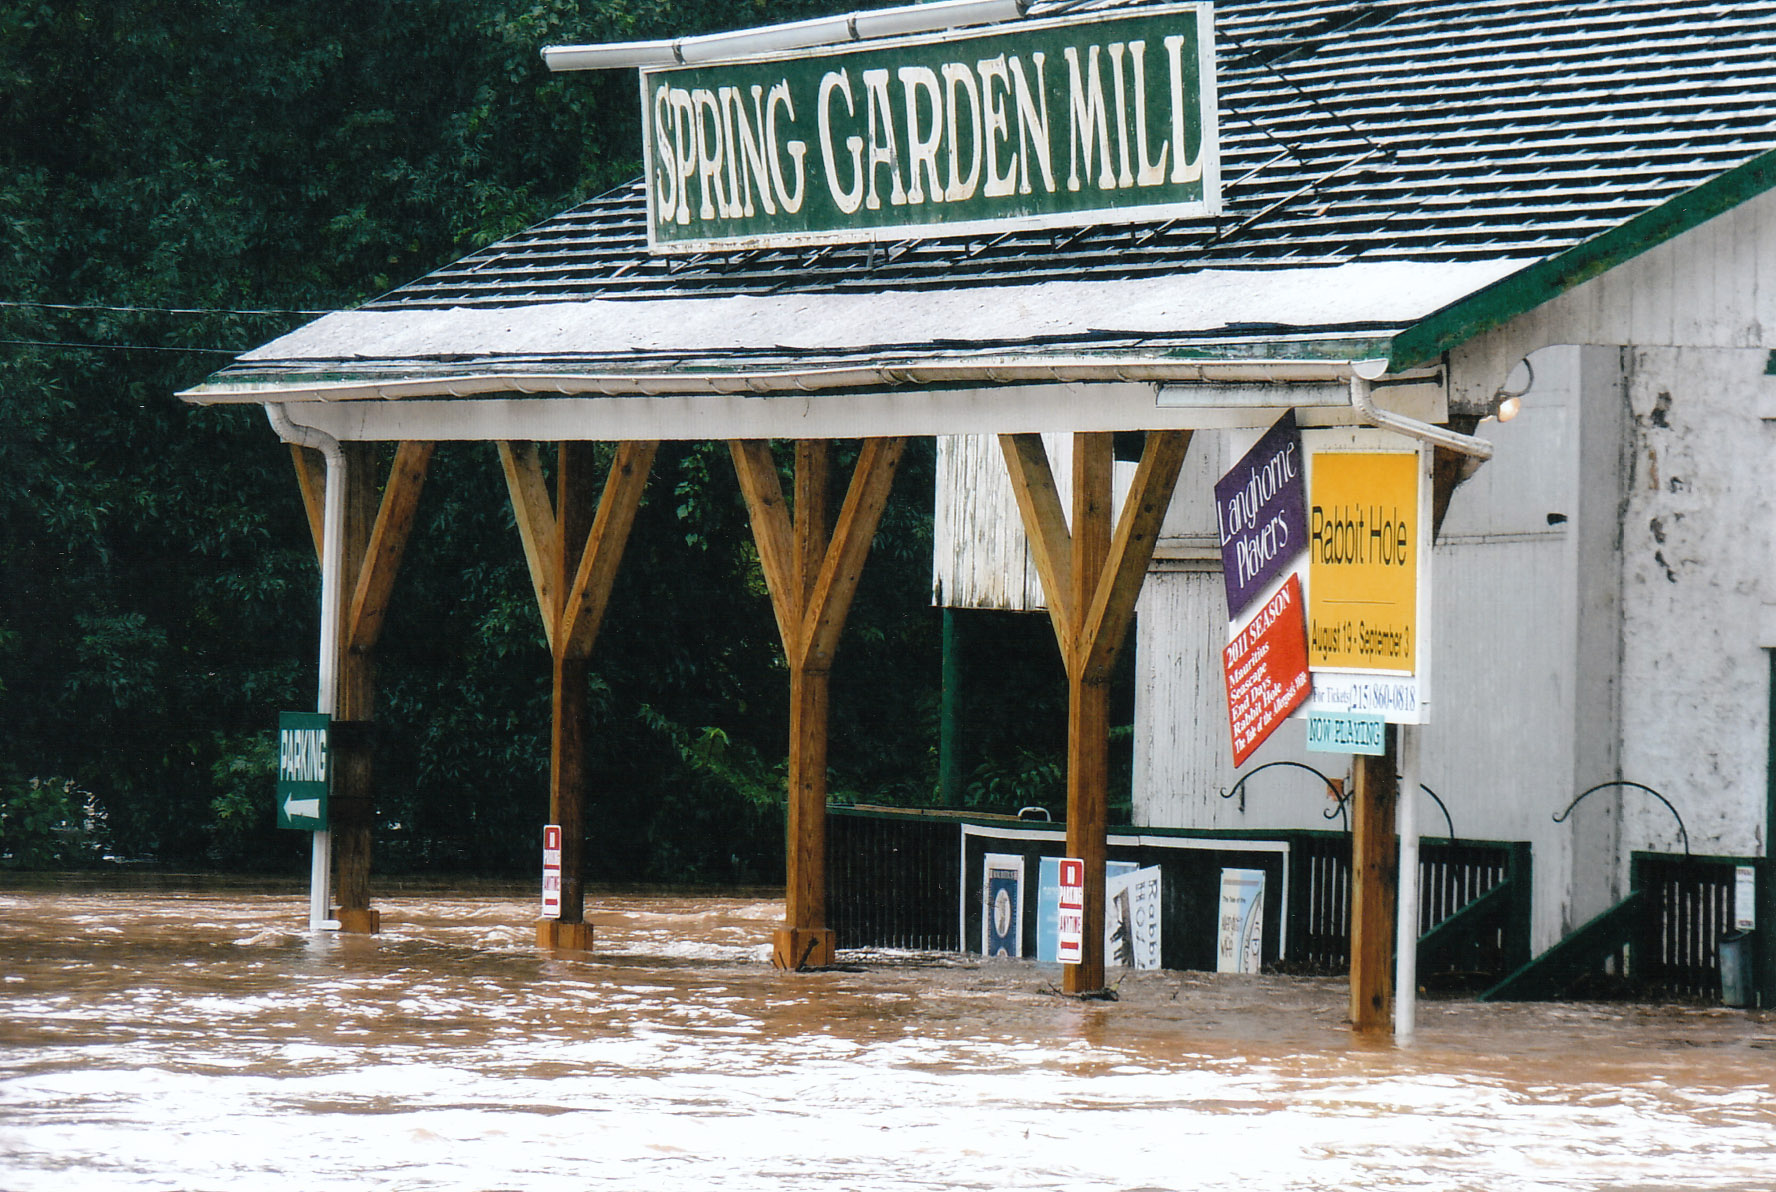 Hurricane Irene August 28, 2011